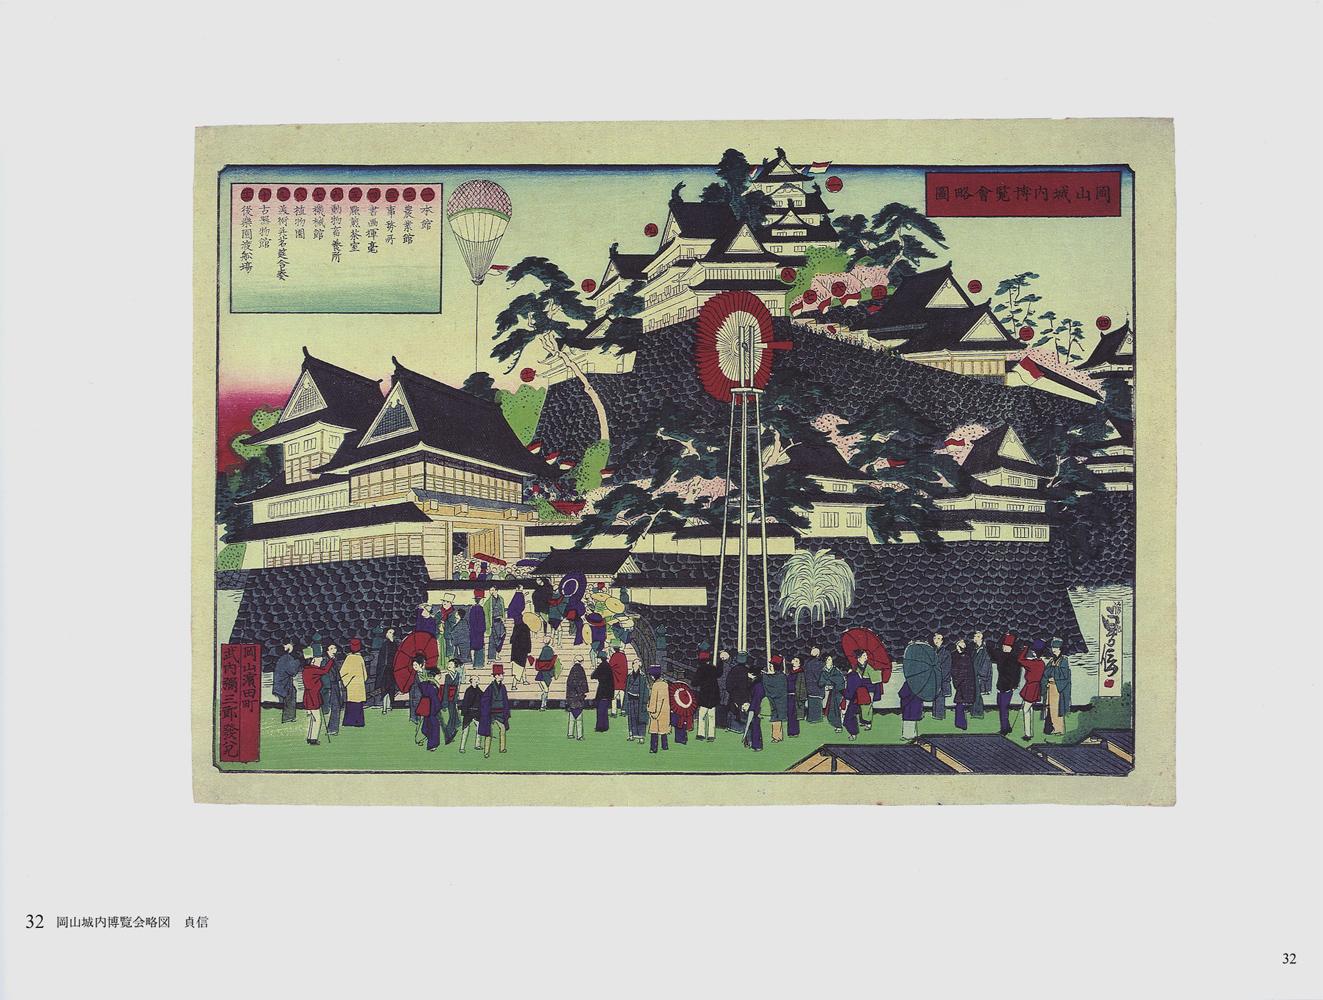 明治開化期の錦絵 Meiji Japan Through Woodblock Prints[image3]